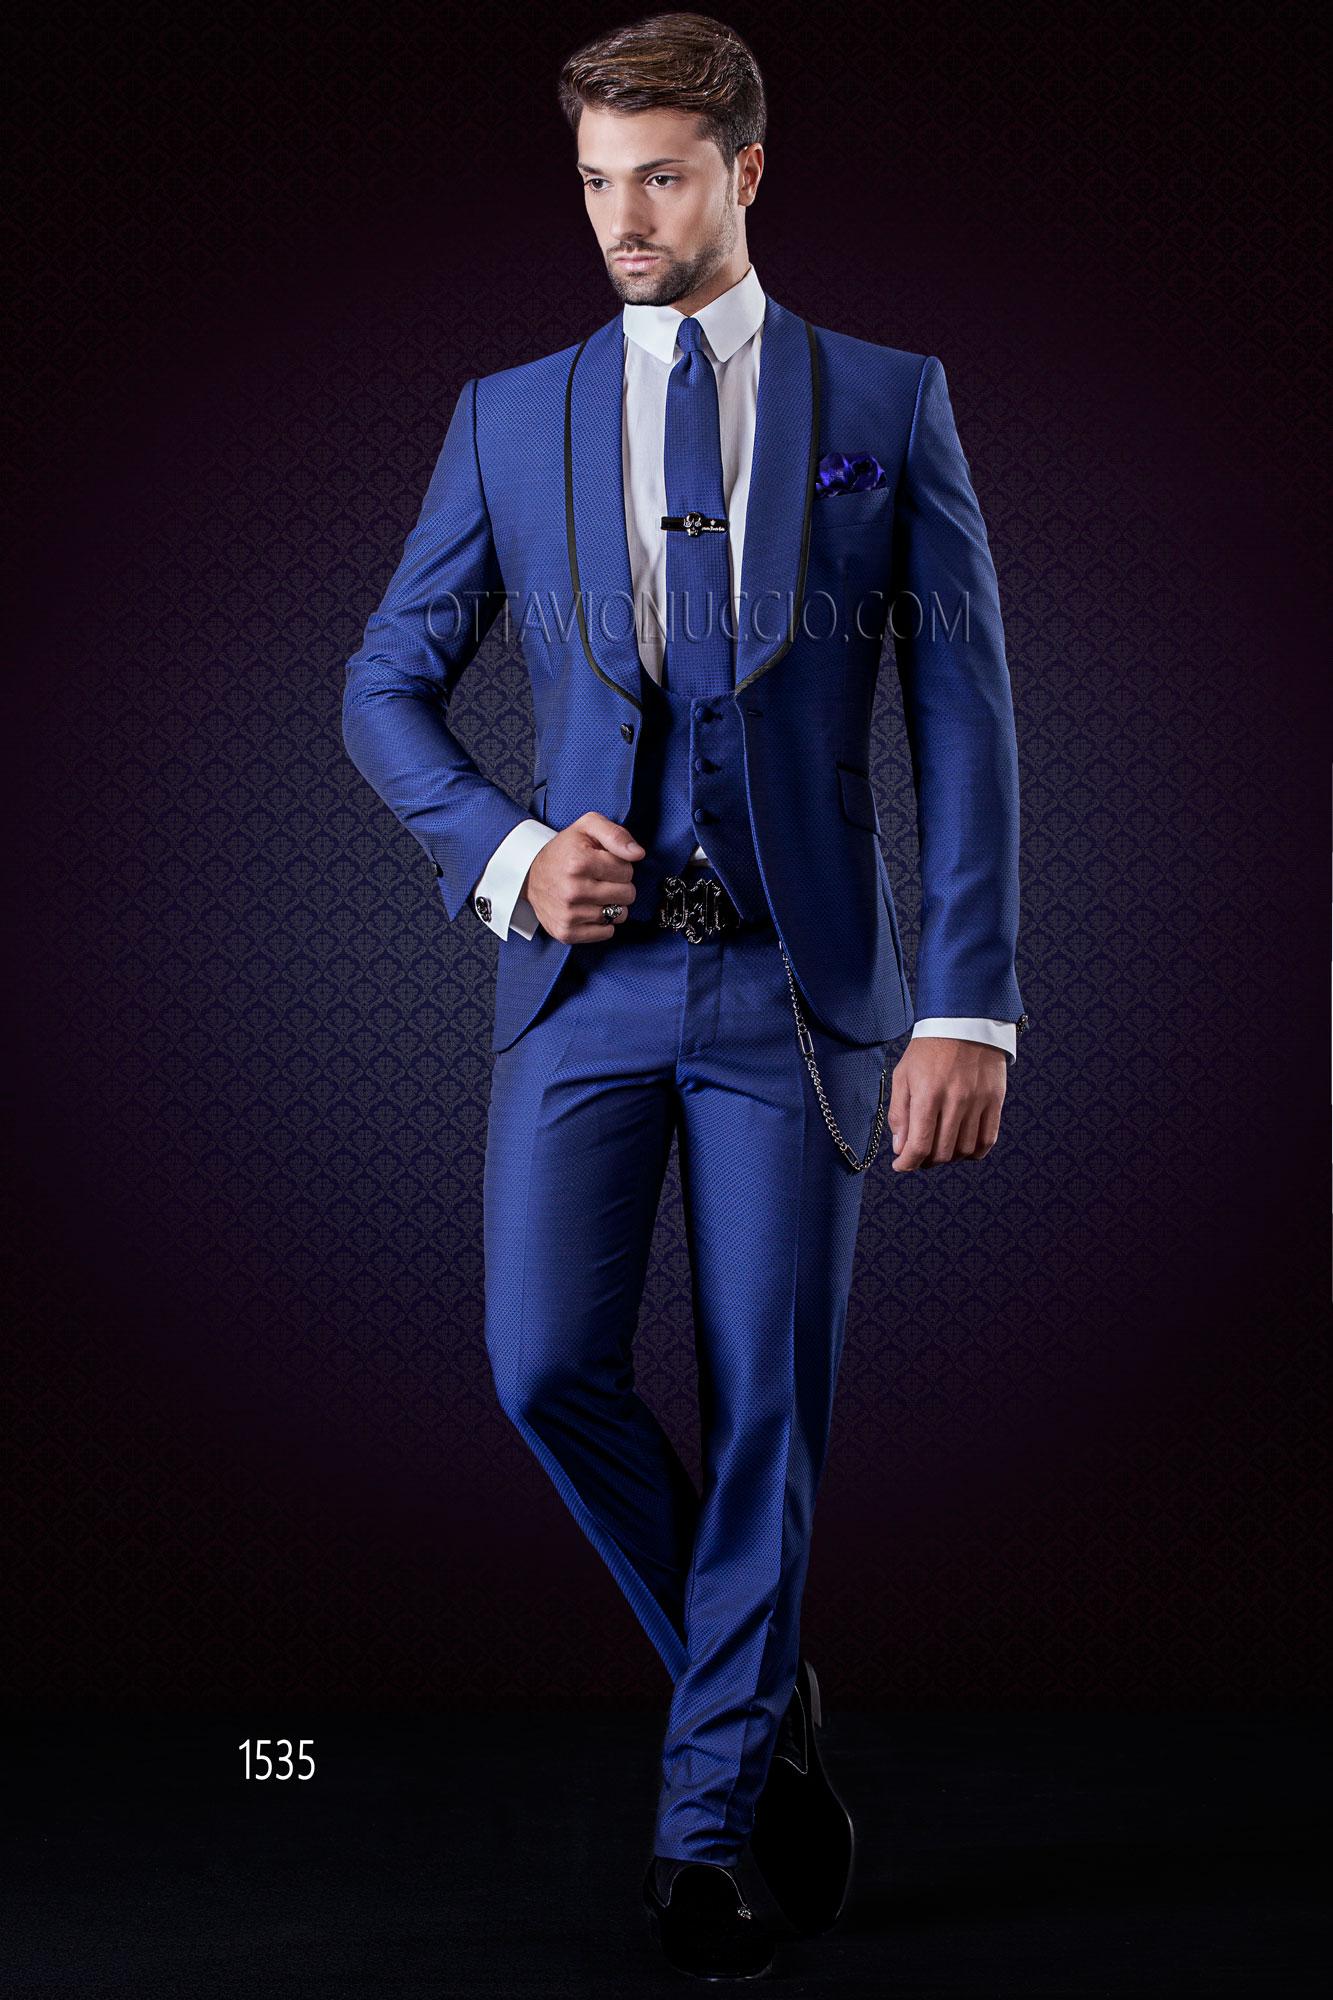 Abito Matrimonio Uomo Blu : Abito matrimonio uomo blu elettrico collo sciallato